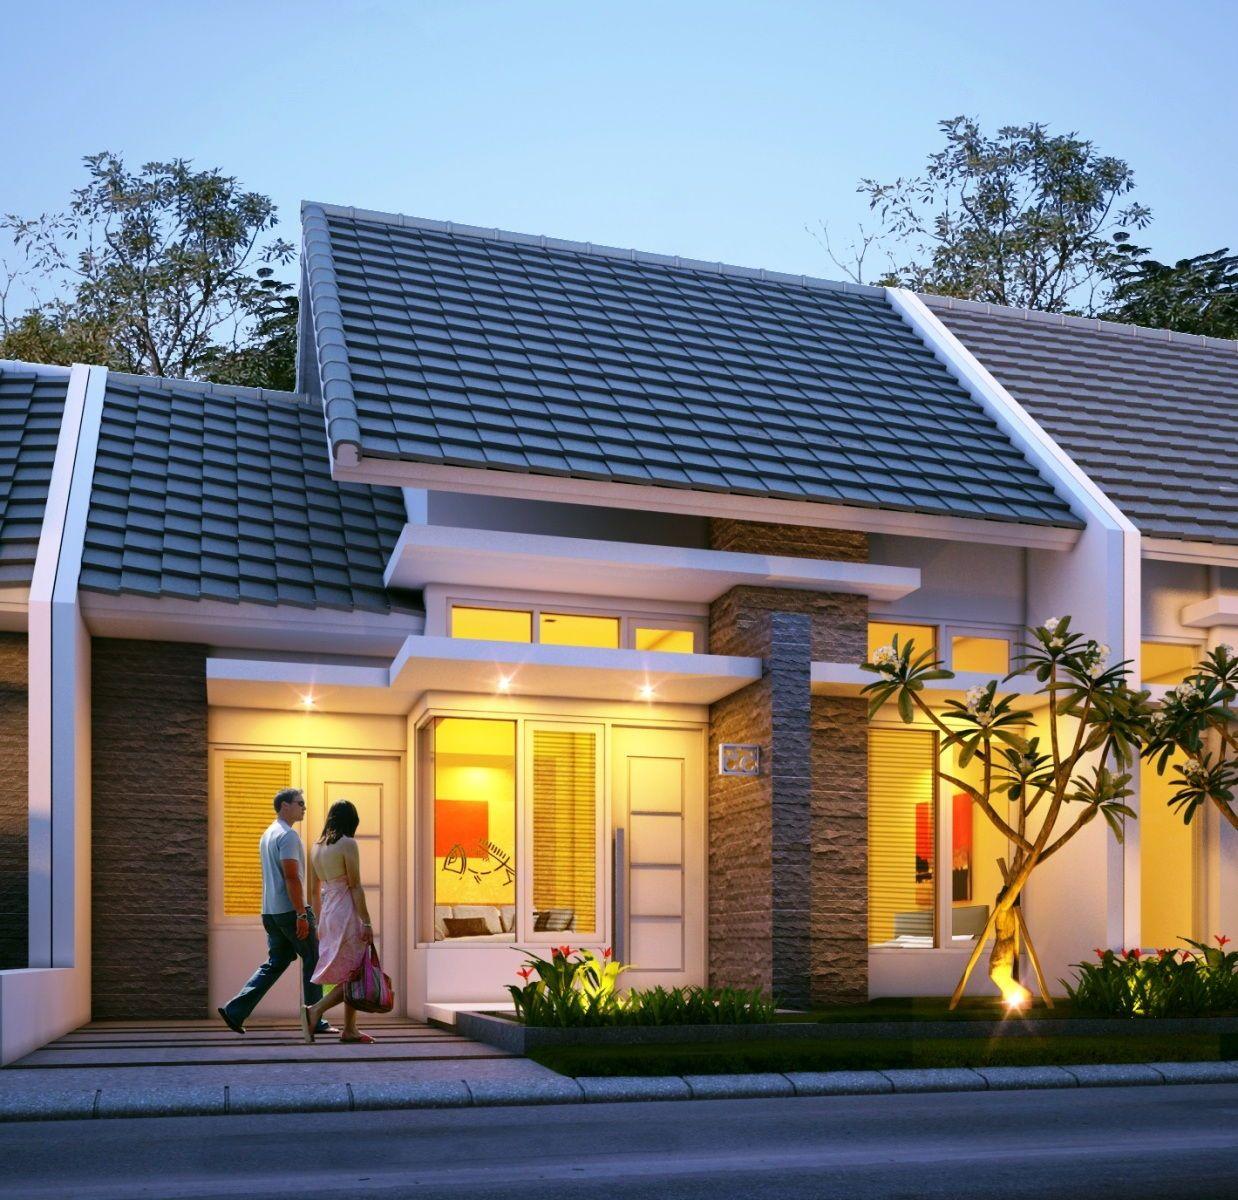 75+ desain rumah type 36 minimalis 2 lantai & 1 lantai ...